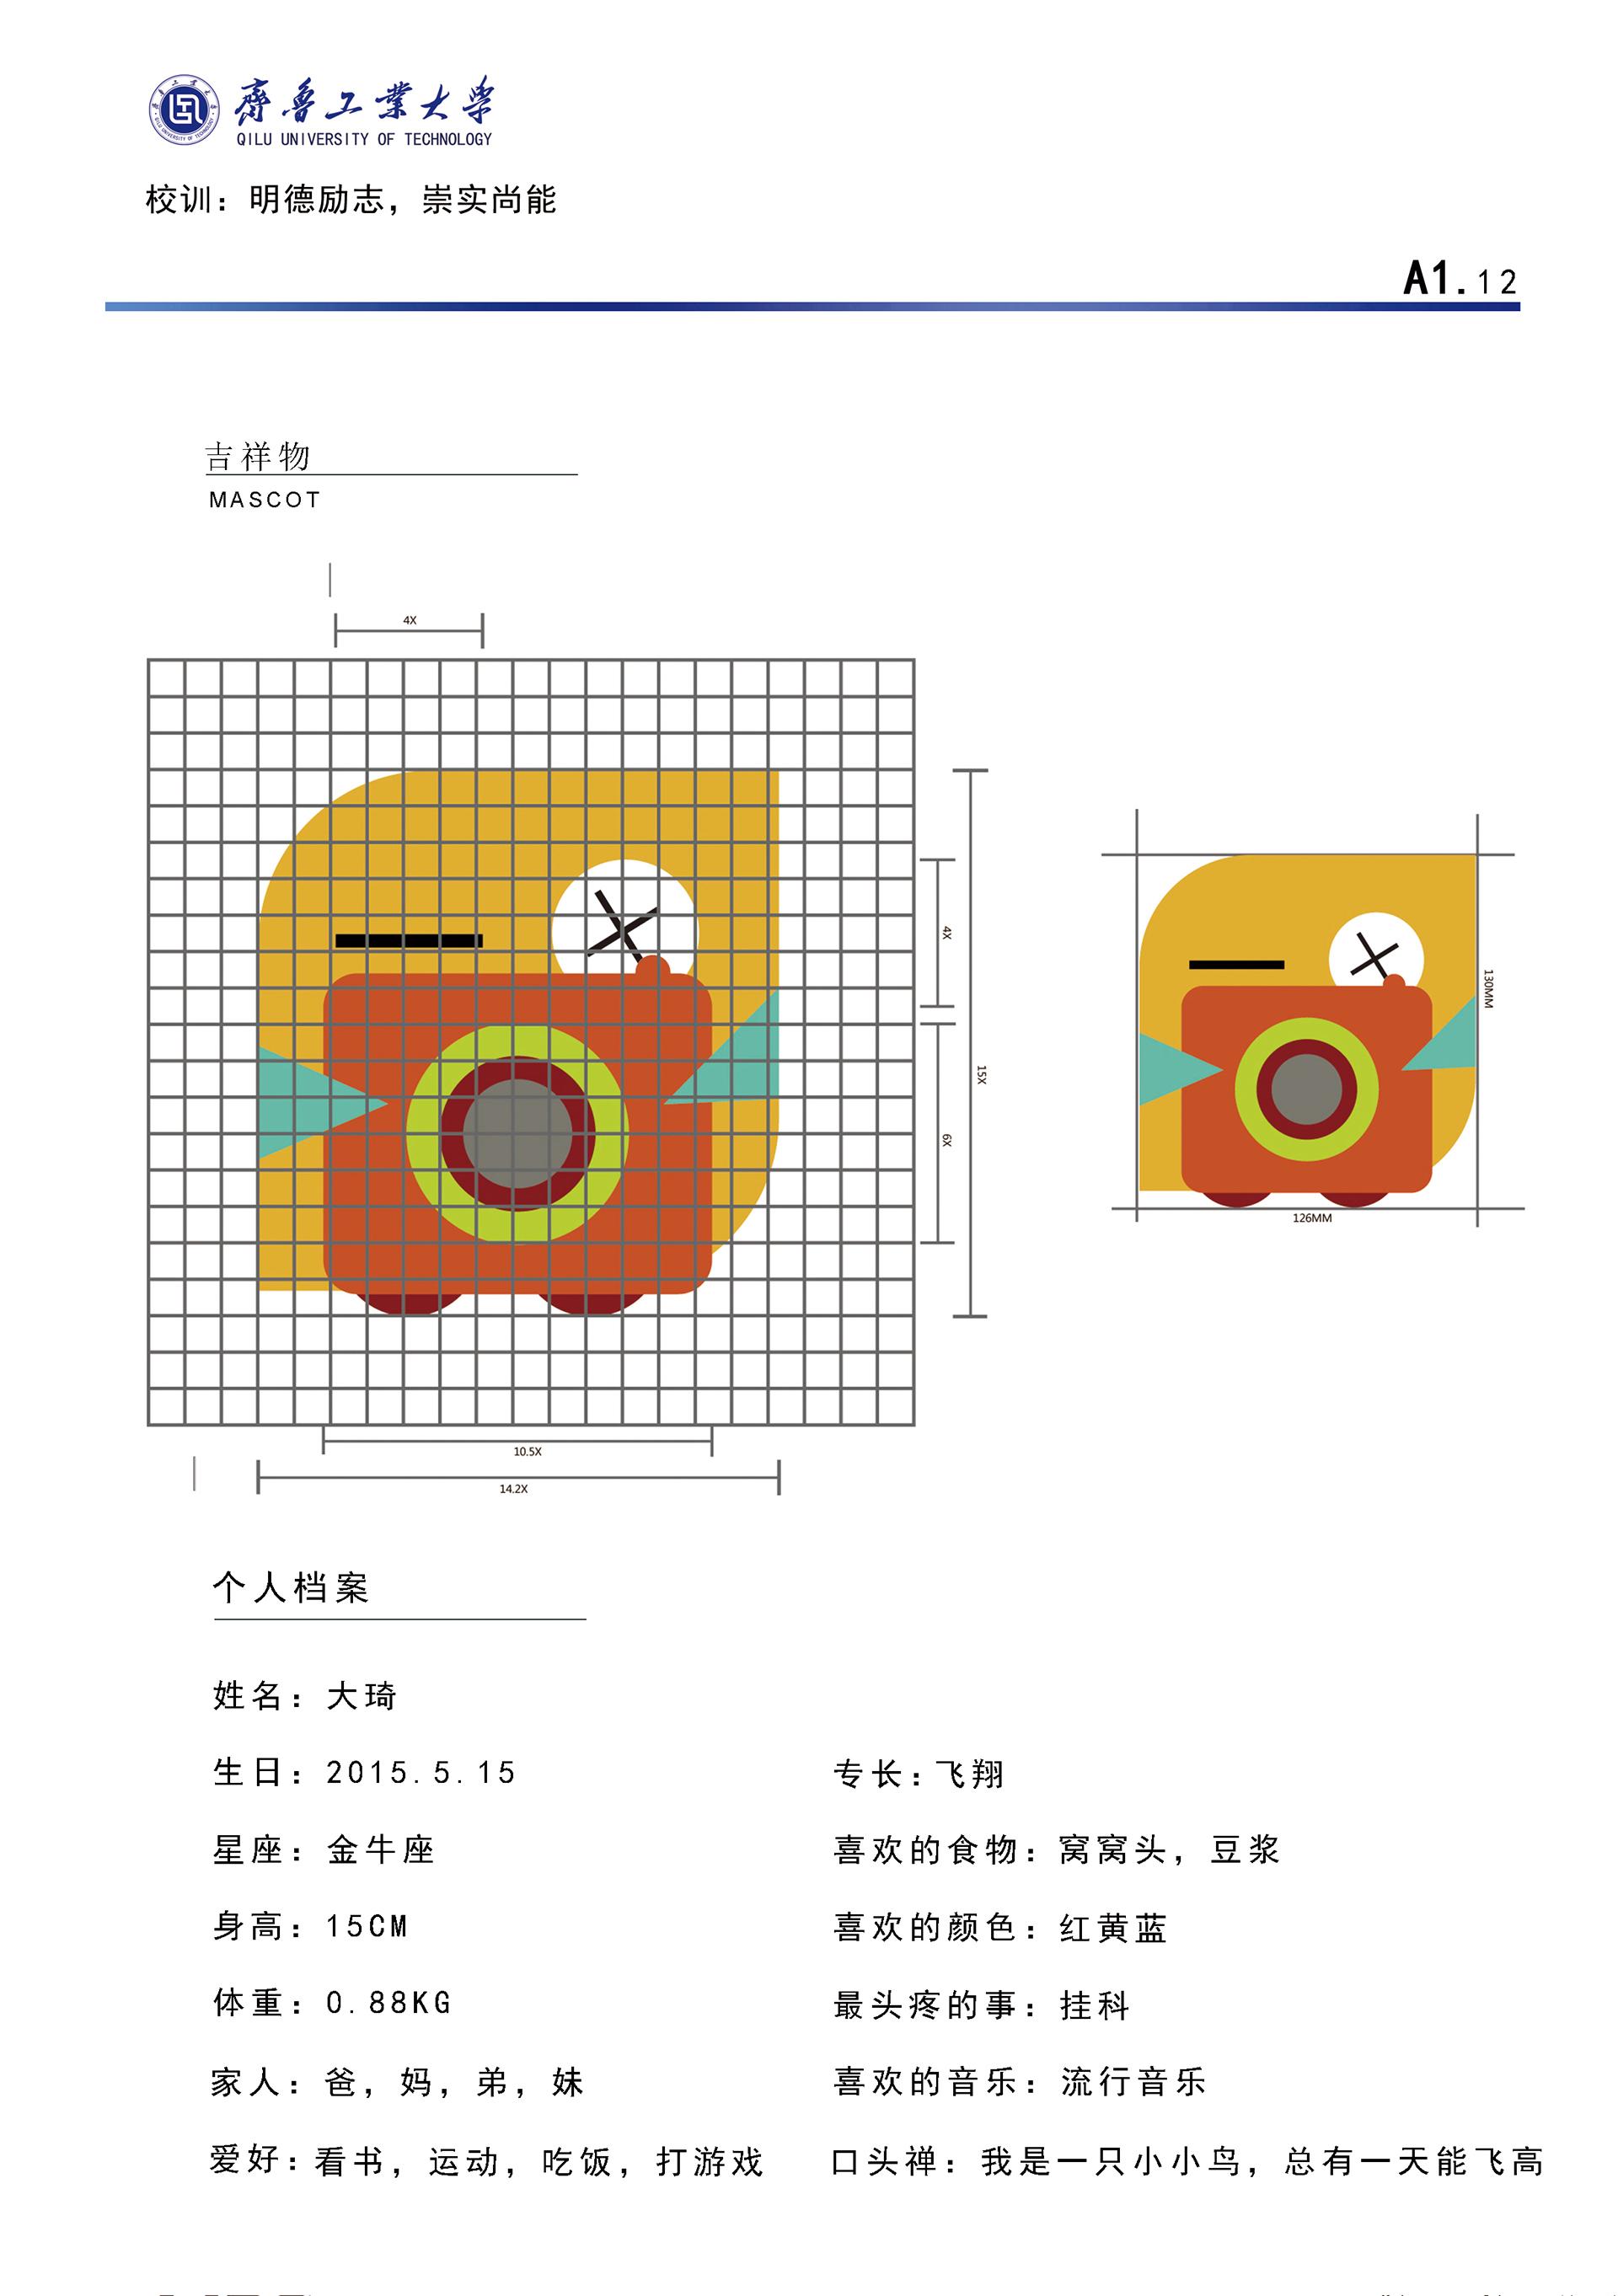 齐鲁工业大学校徽 LOGO图片